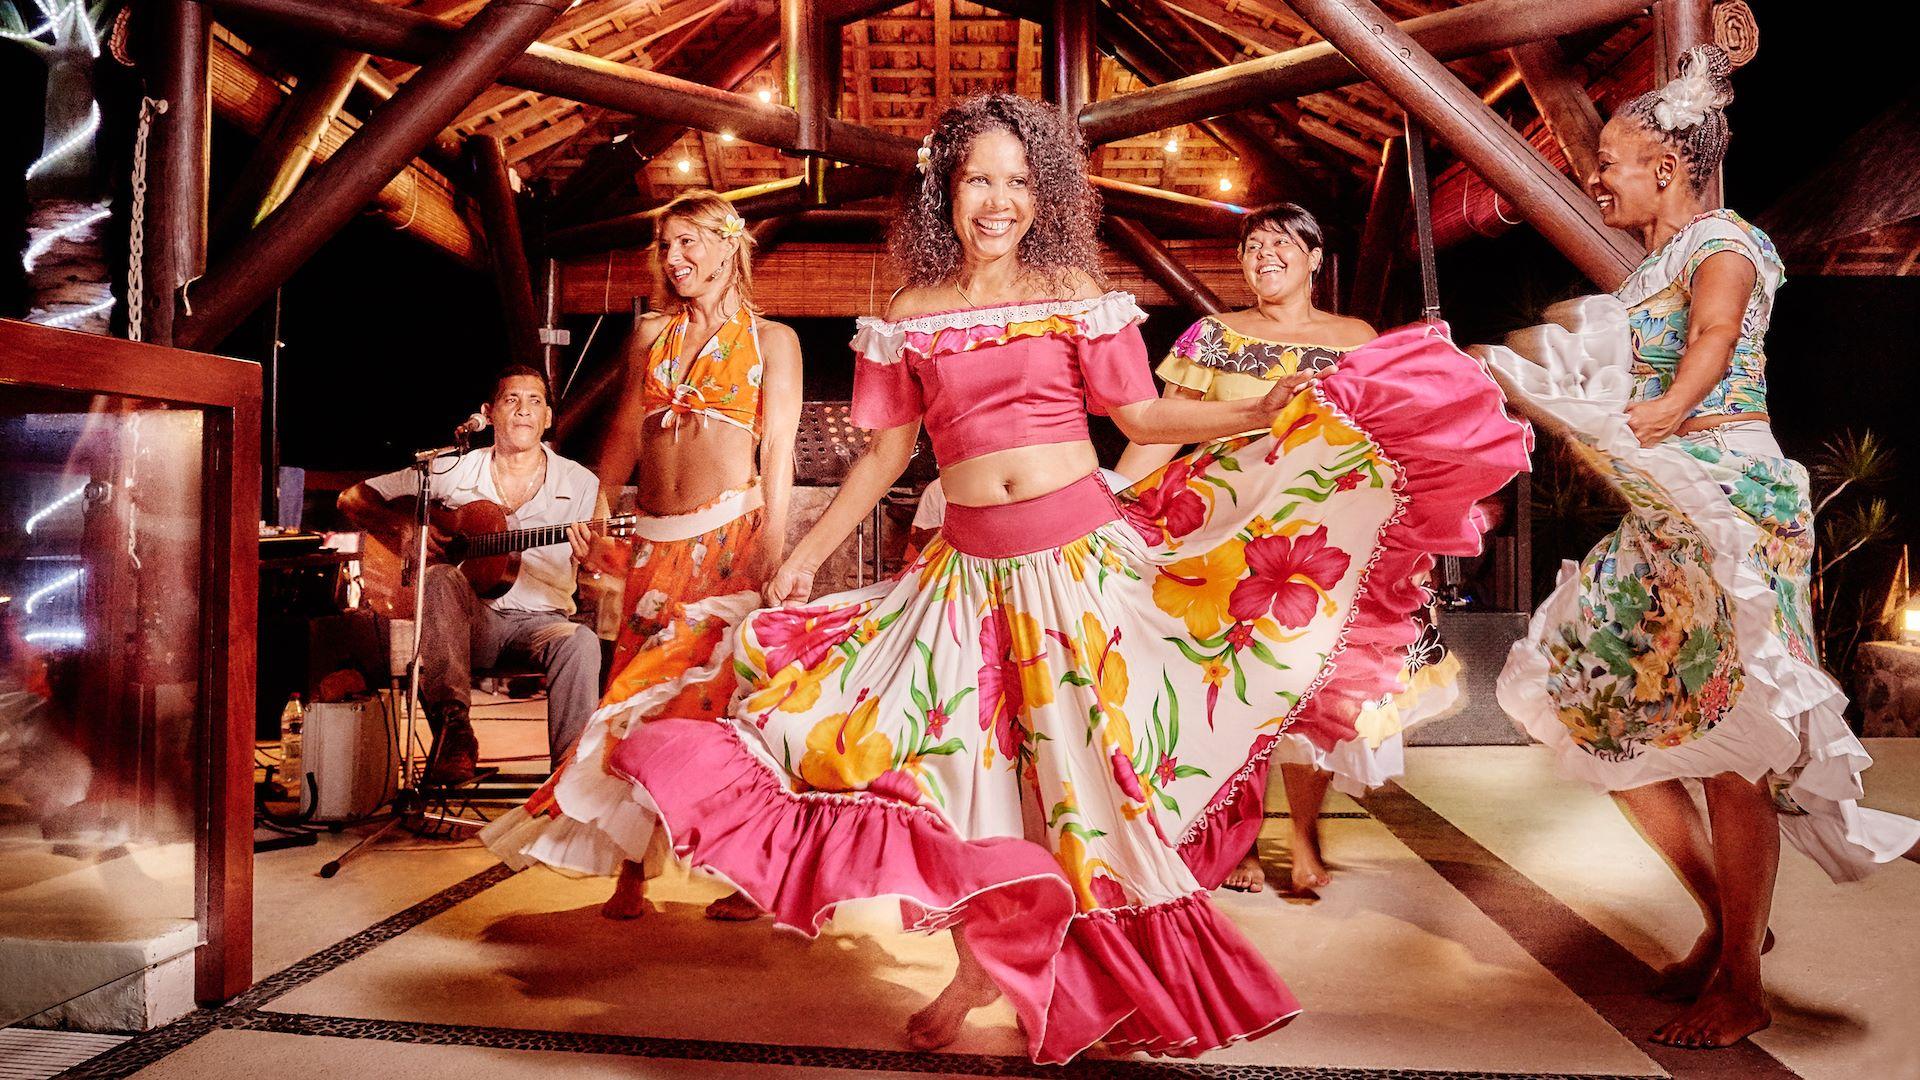 SOIRÉE CRÉOLE À ILOHA HÔTELSaint-Leu, agenda, Les hôtels s'animent, Office de Tourisme, Ouest, La Réunion, Ile de La Réunion, 974